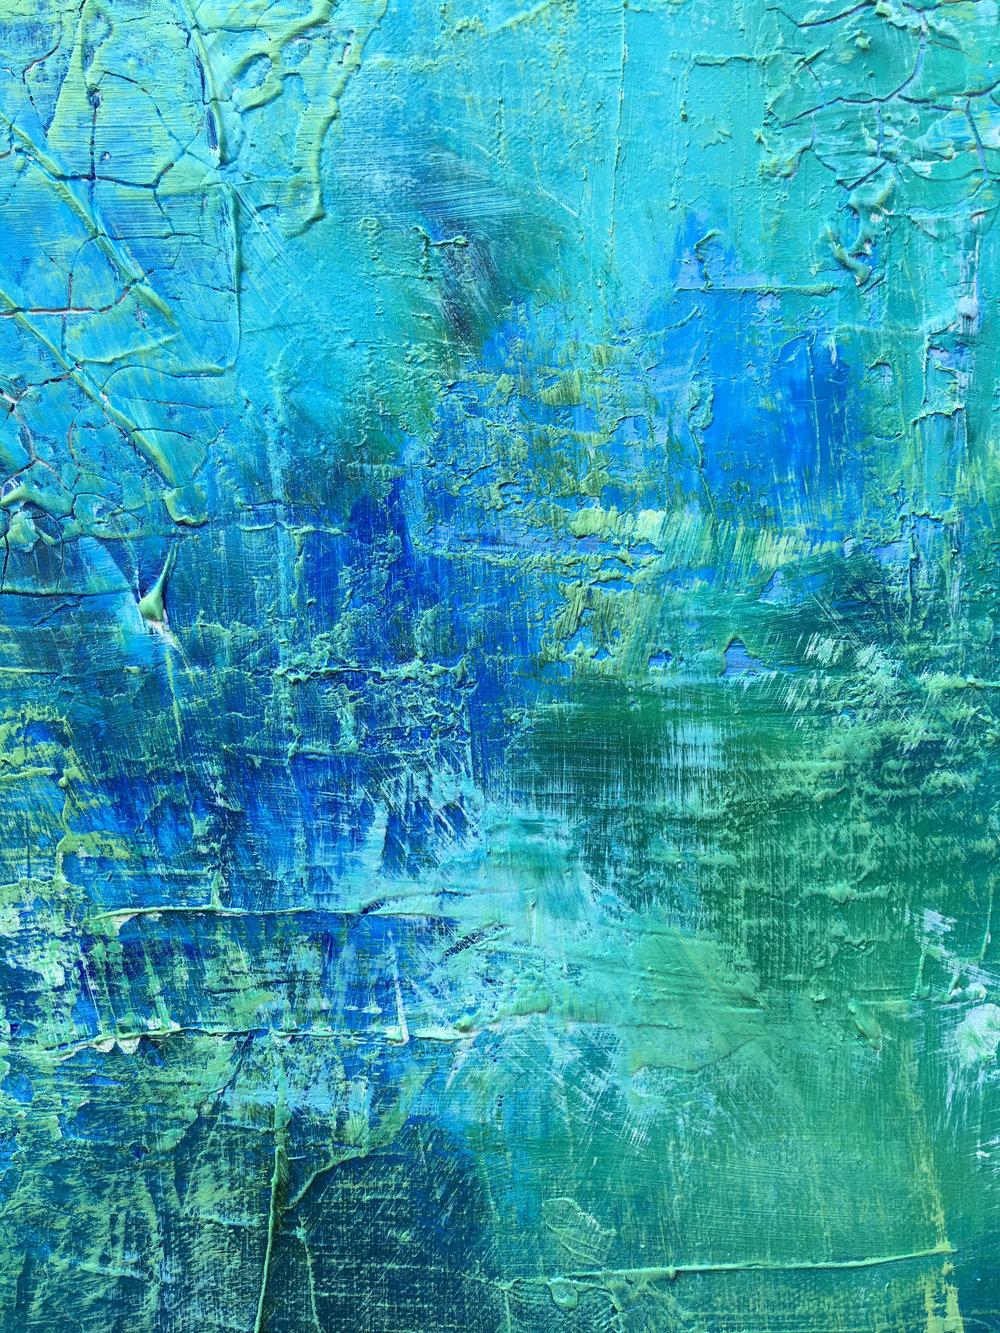 Velvet Undergrowth 1 - Detail 5 LQ.jpg